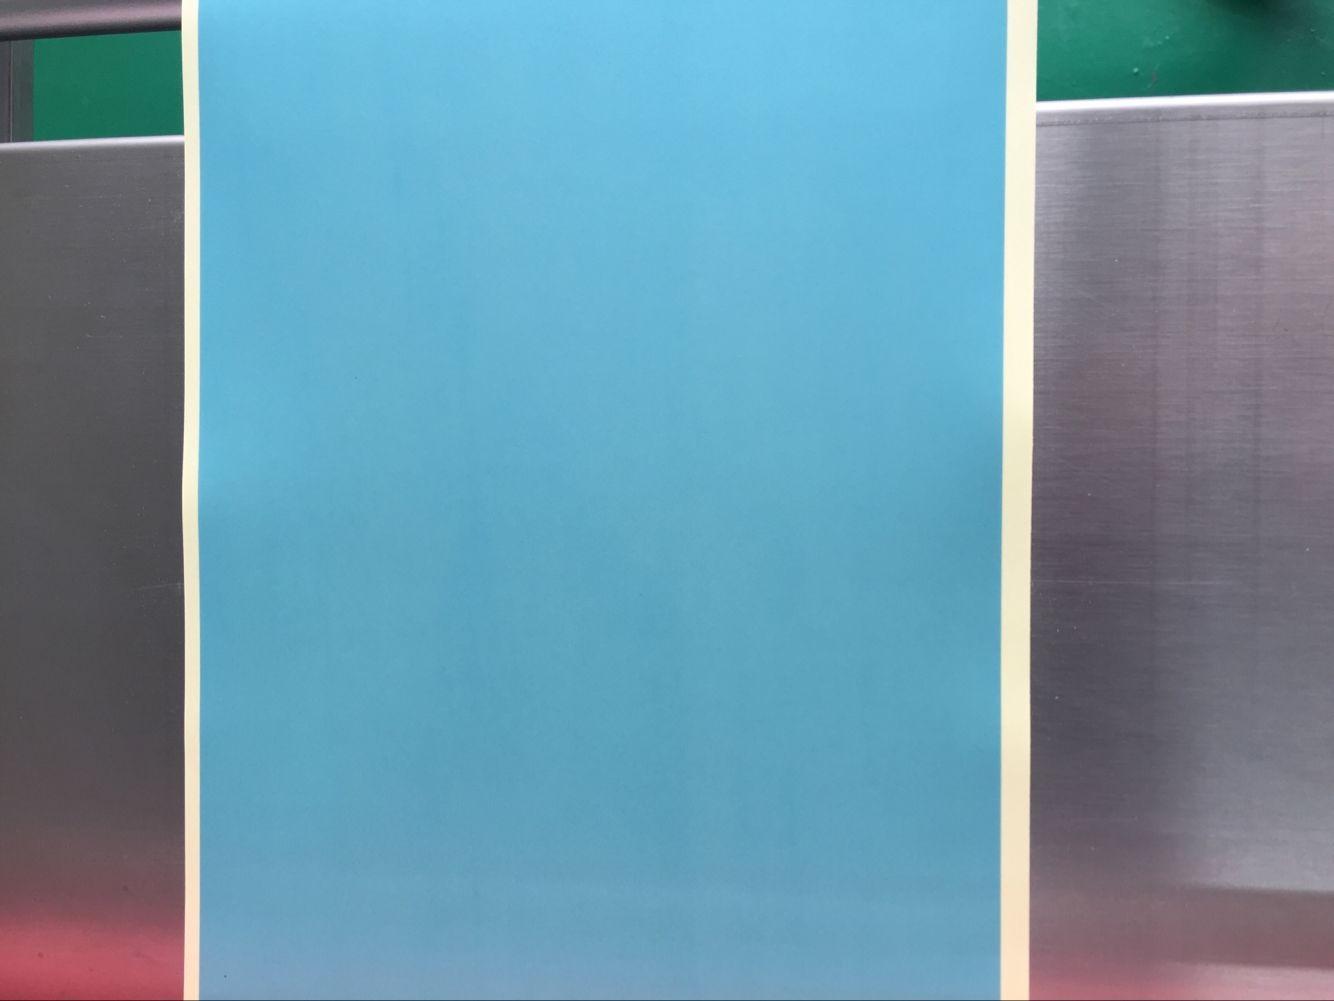 蓝膜贴合纸,LED蓝膜贴合纸